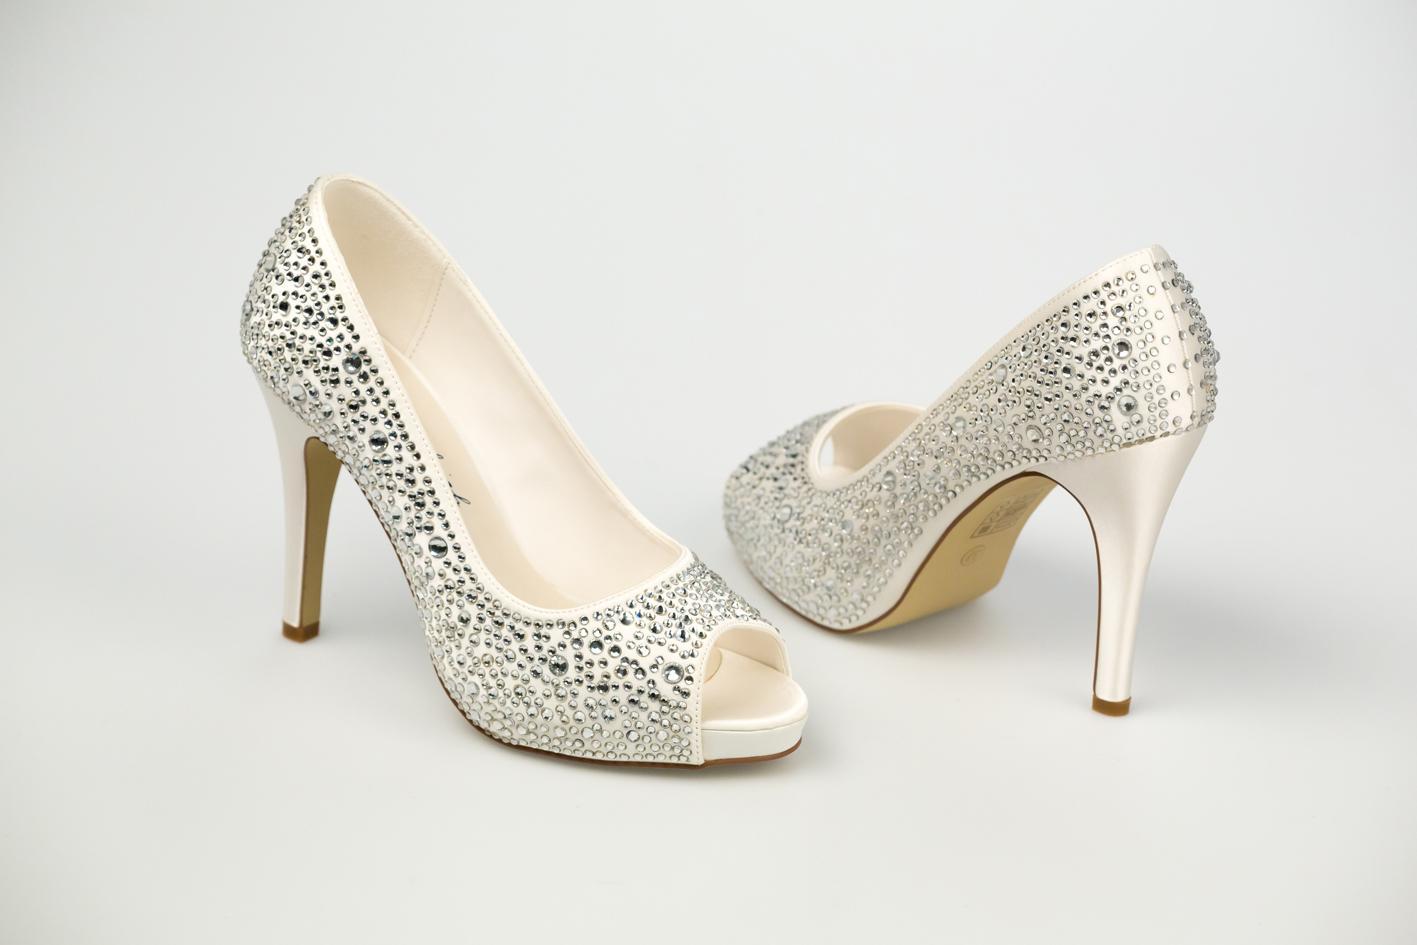 Svadobné topánky Roxanne, G.Westerleigh - Obrázok č. 1